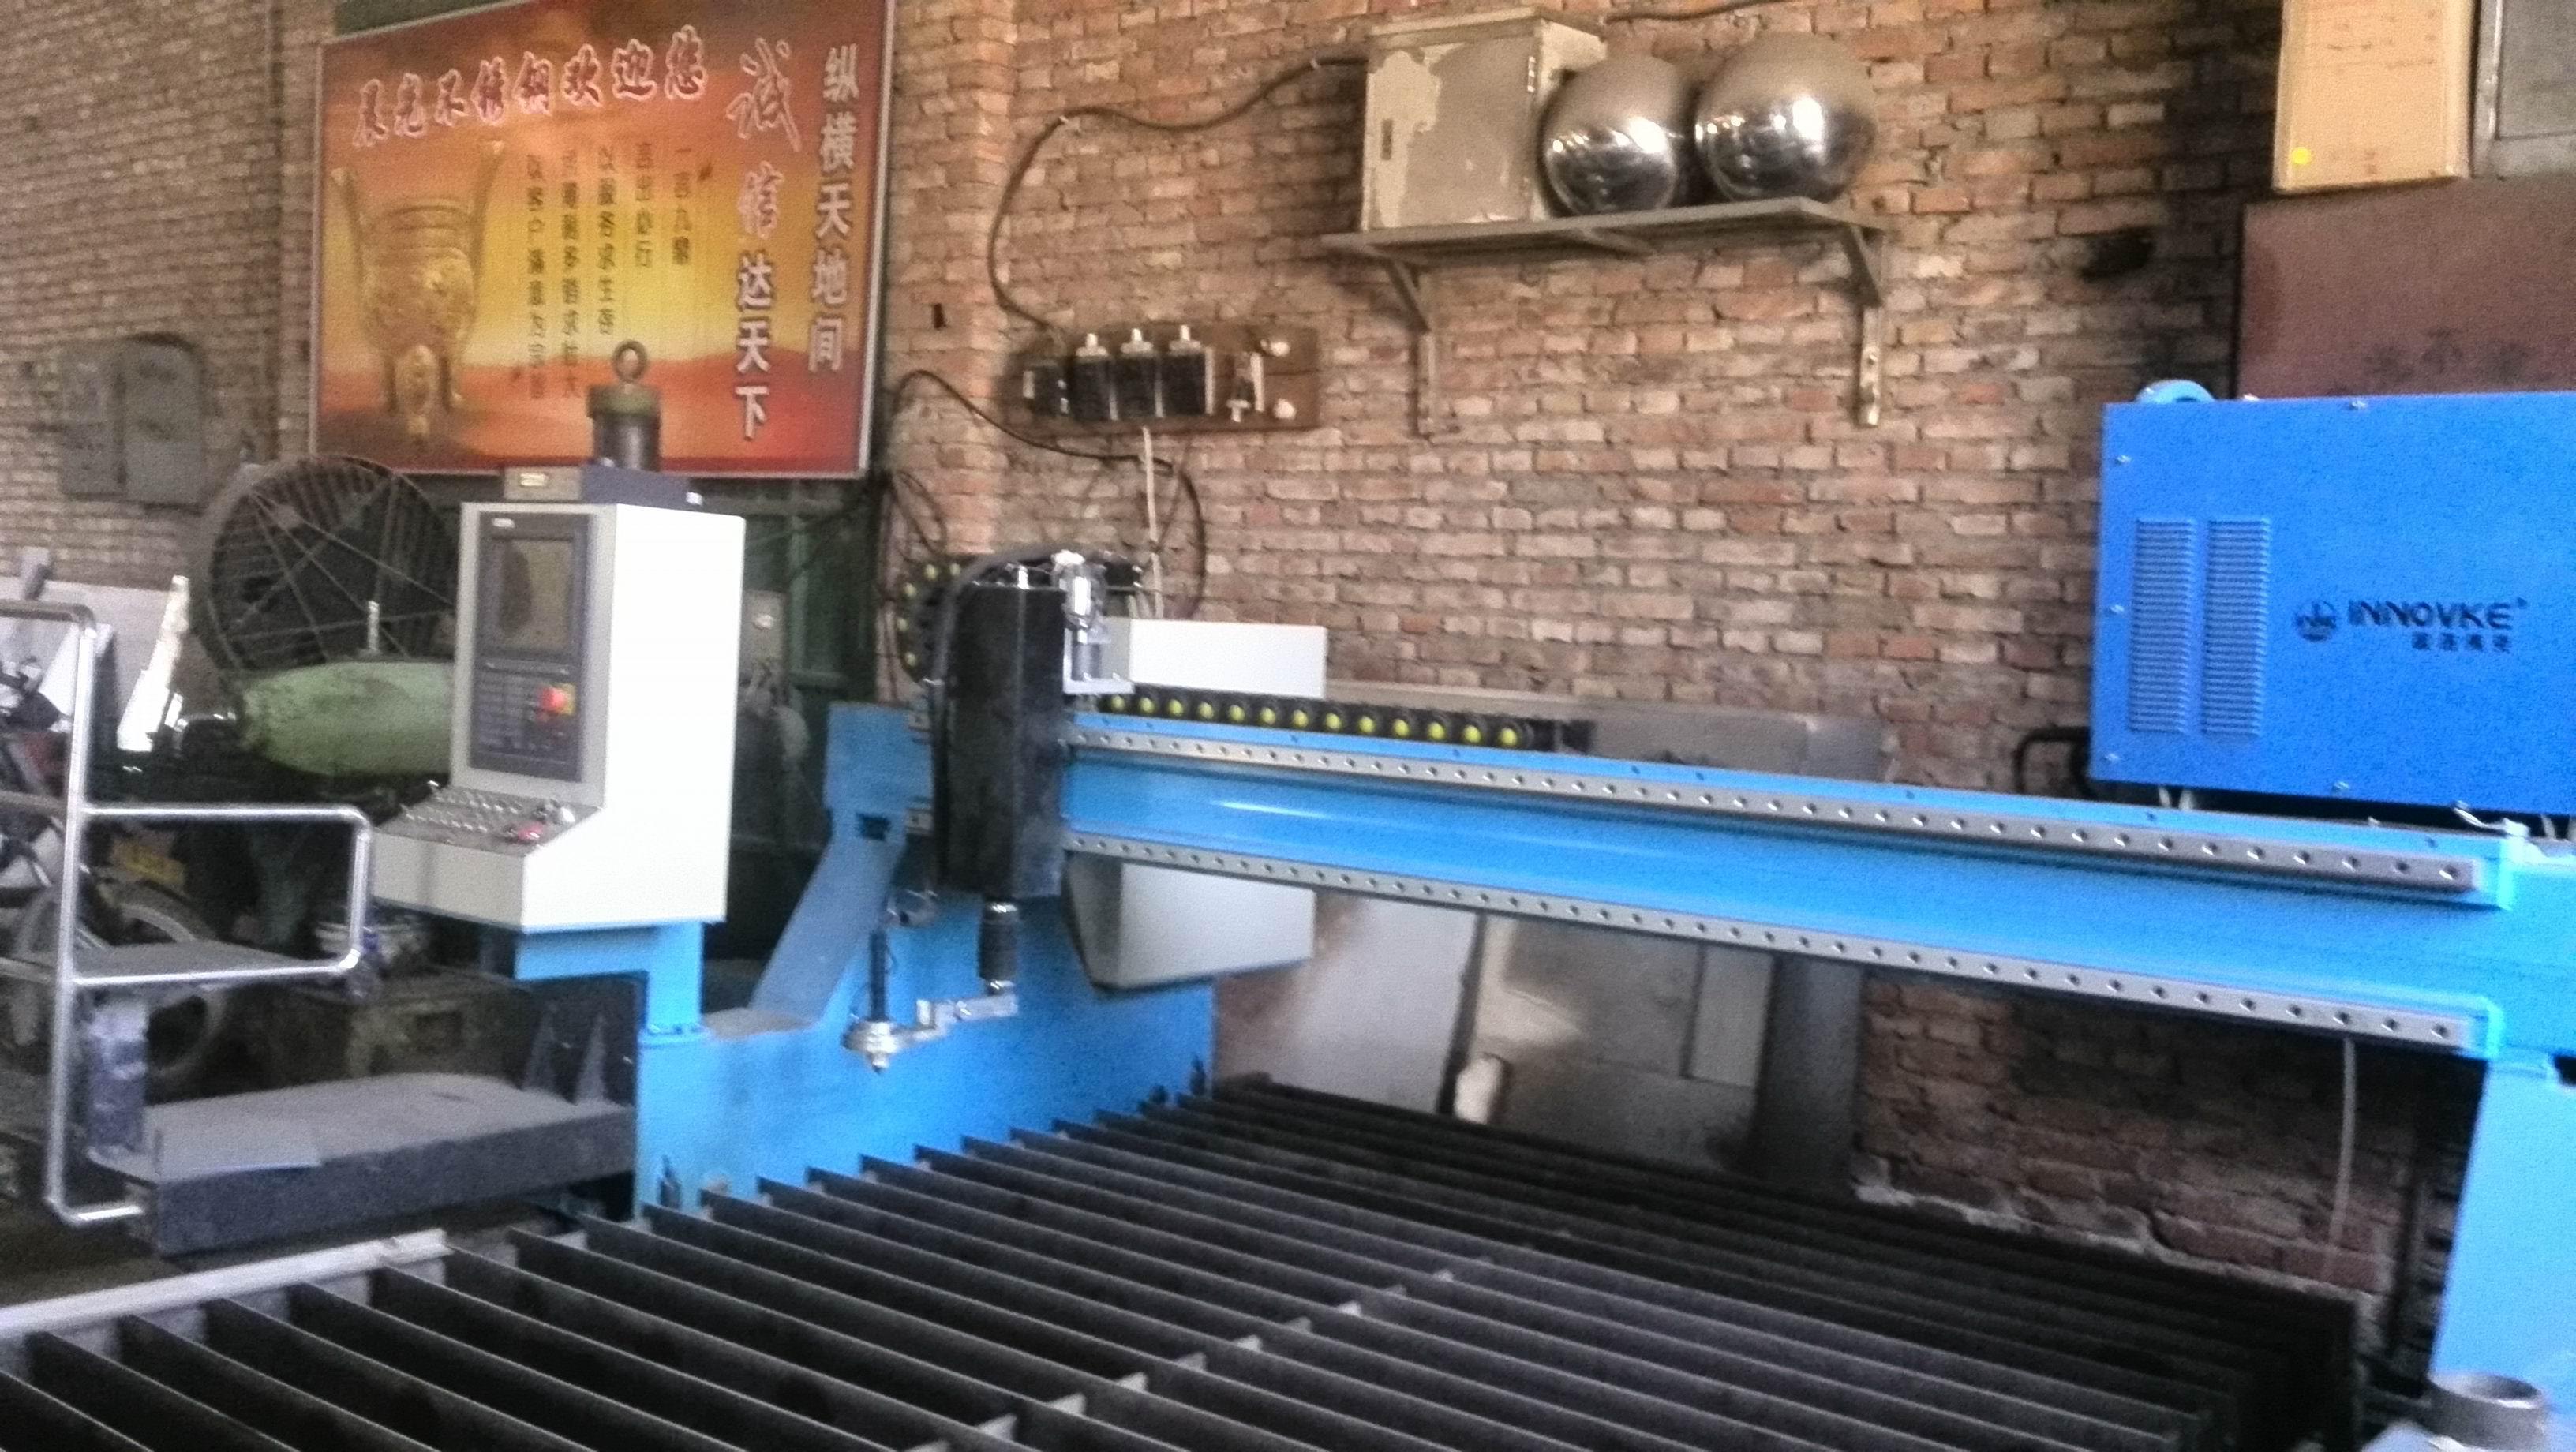 知名的不锈钢板生产商-晨光不锈钢物资公司|衡水不锈钢信息